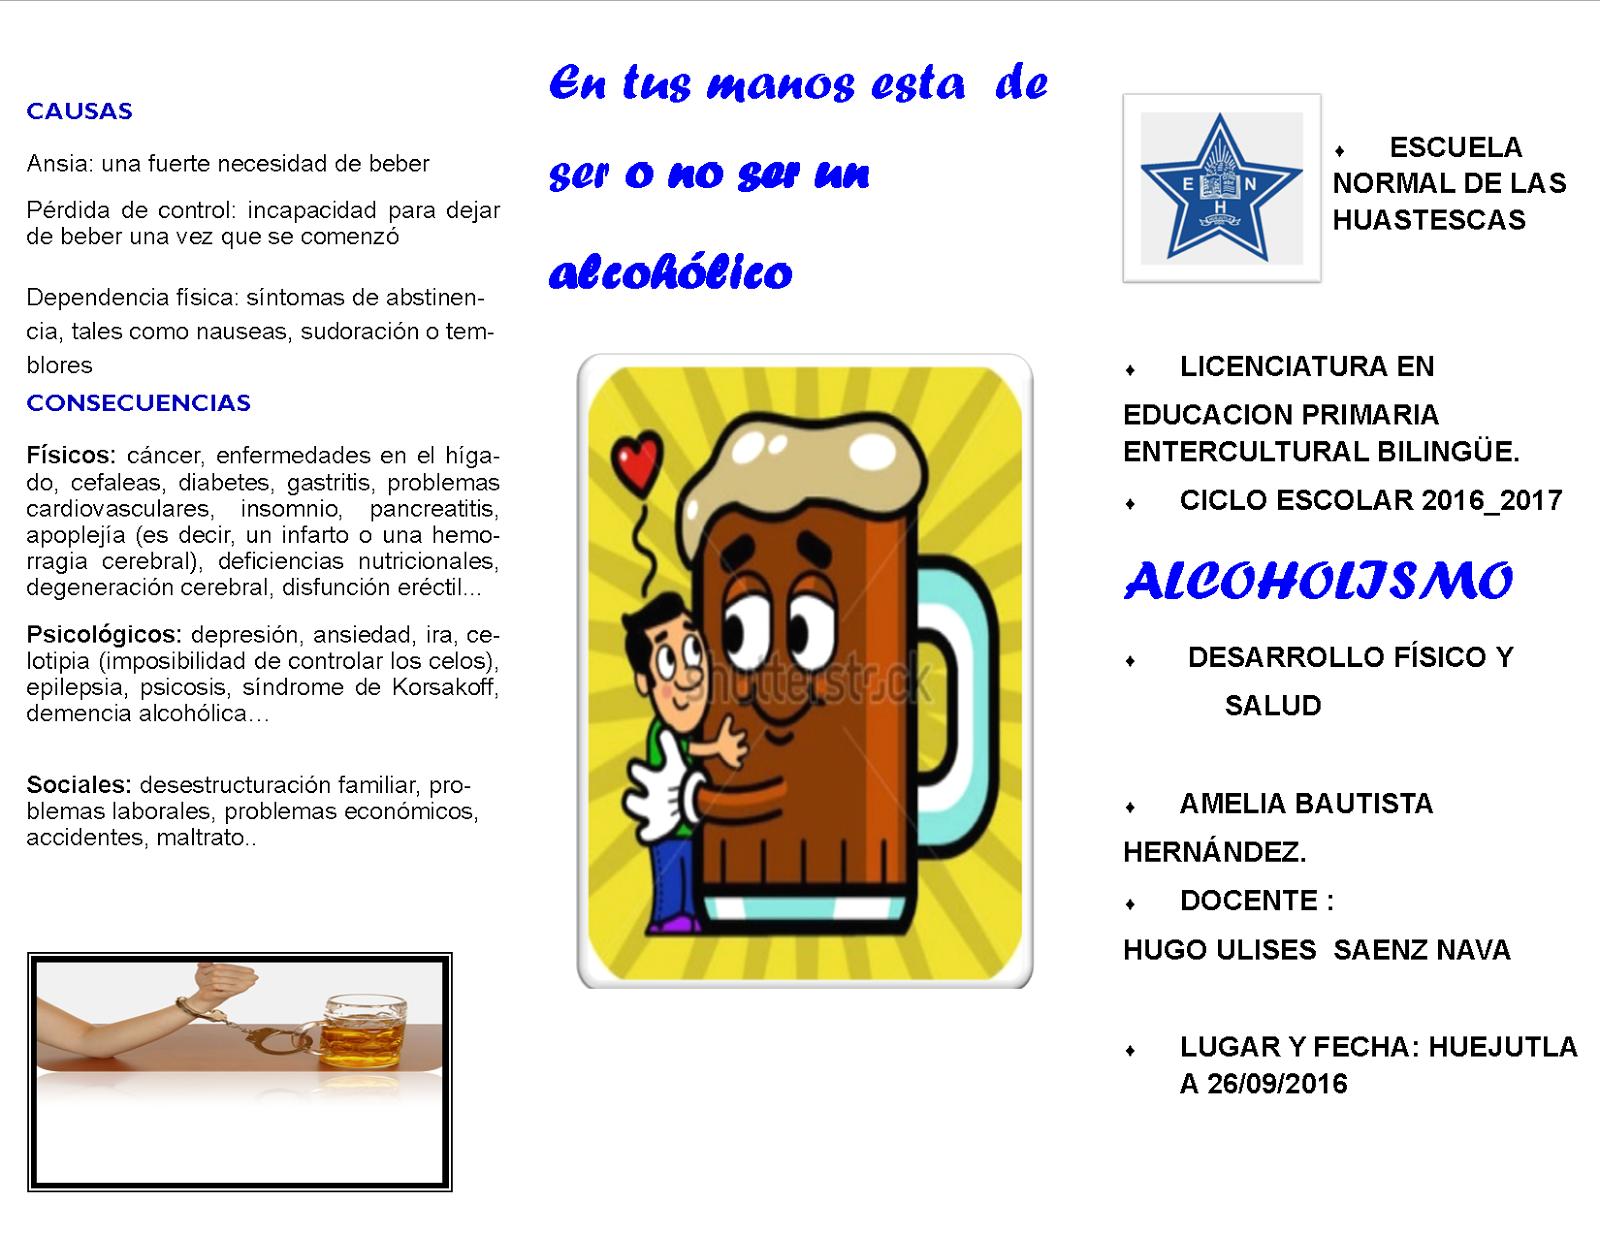 El hospital gratuito por el tratamiento del alcoholismo